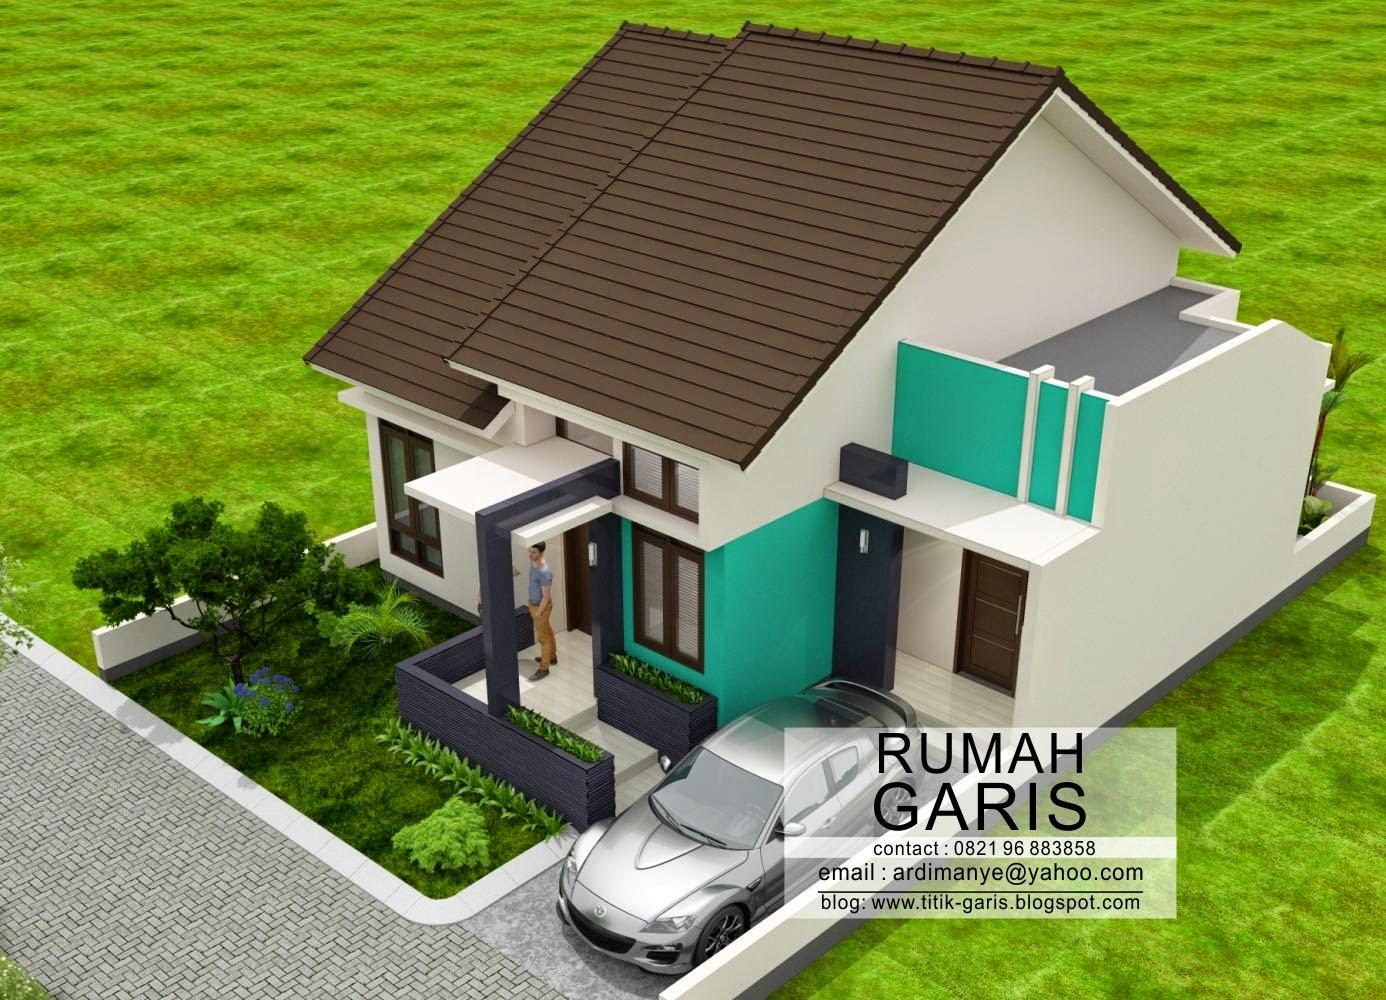 Desain Rumah Tipe 90 Di Lahan 10x15 Meter Rumah Garis